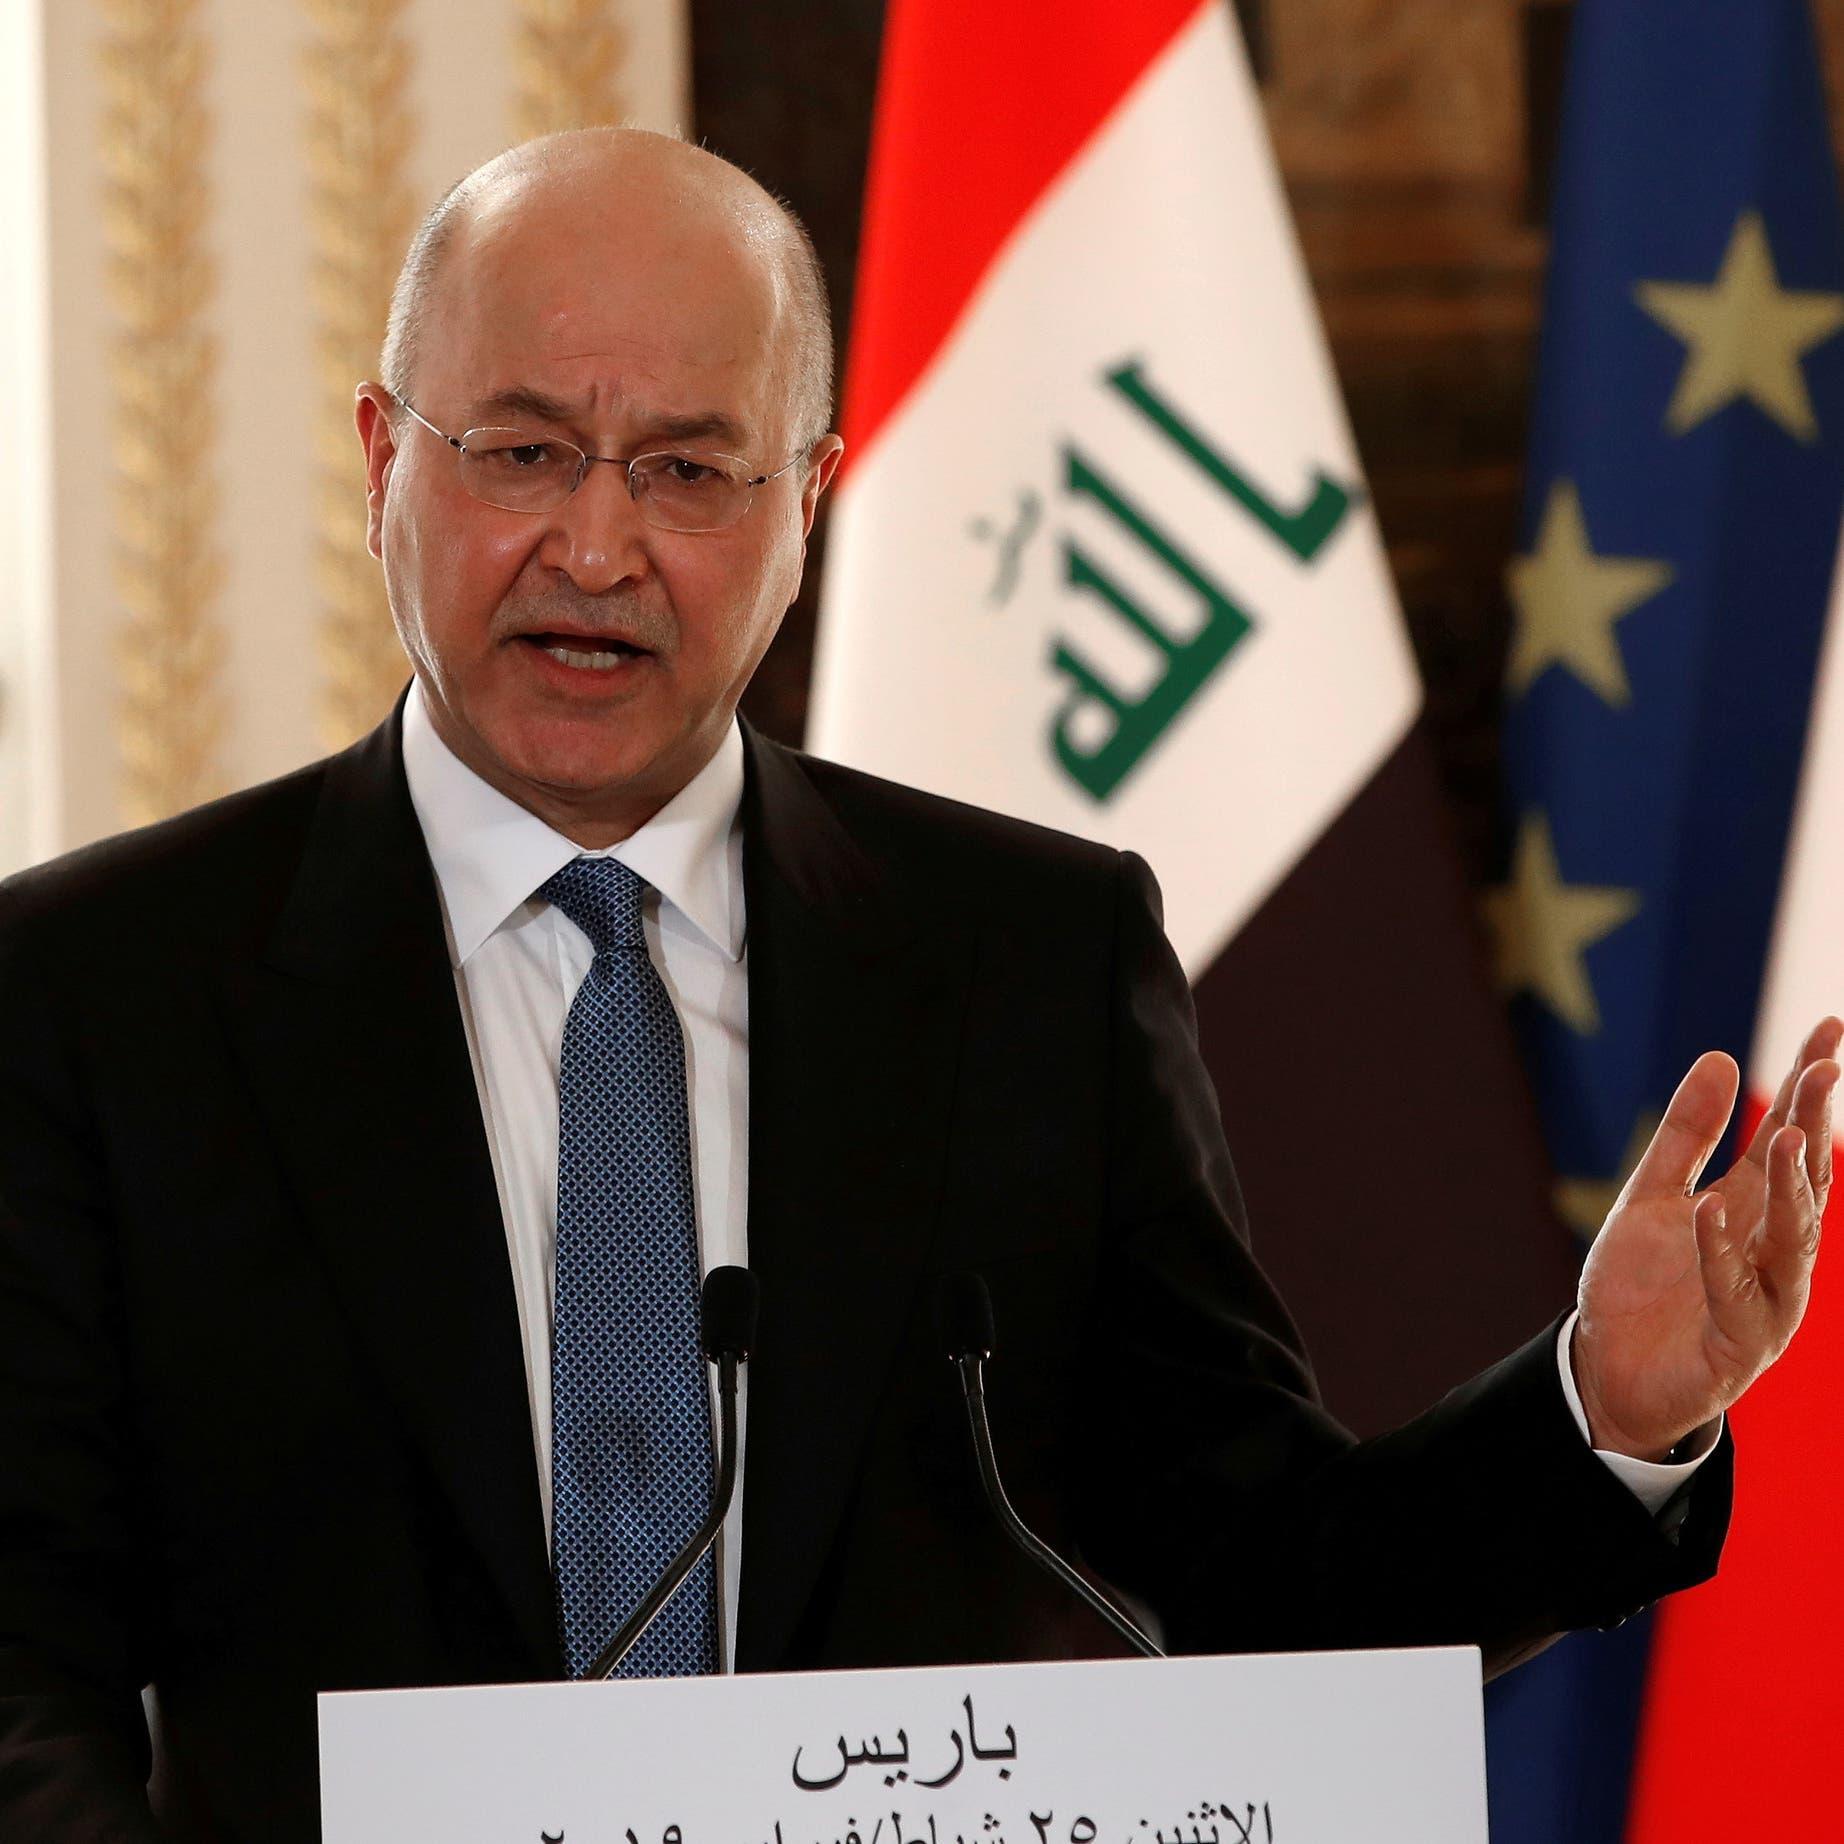 الرئيس العراقي ينفي إبلاغ الكتل السياسية رفضه إجراء الانتخابات في موعدها